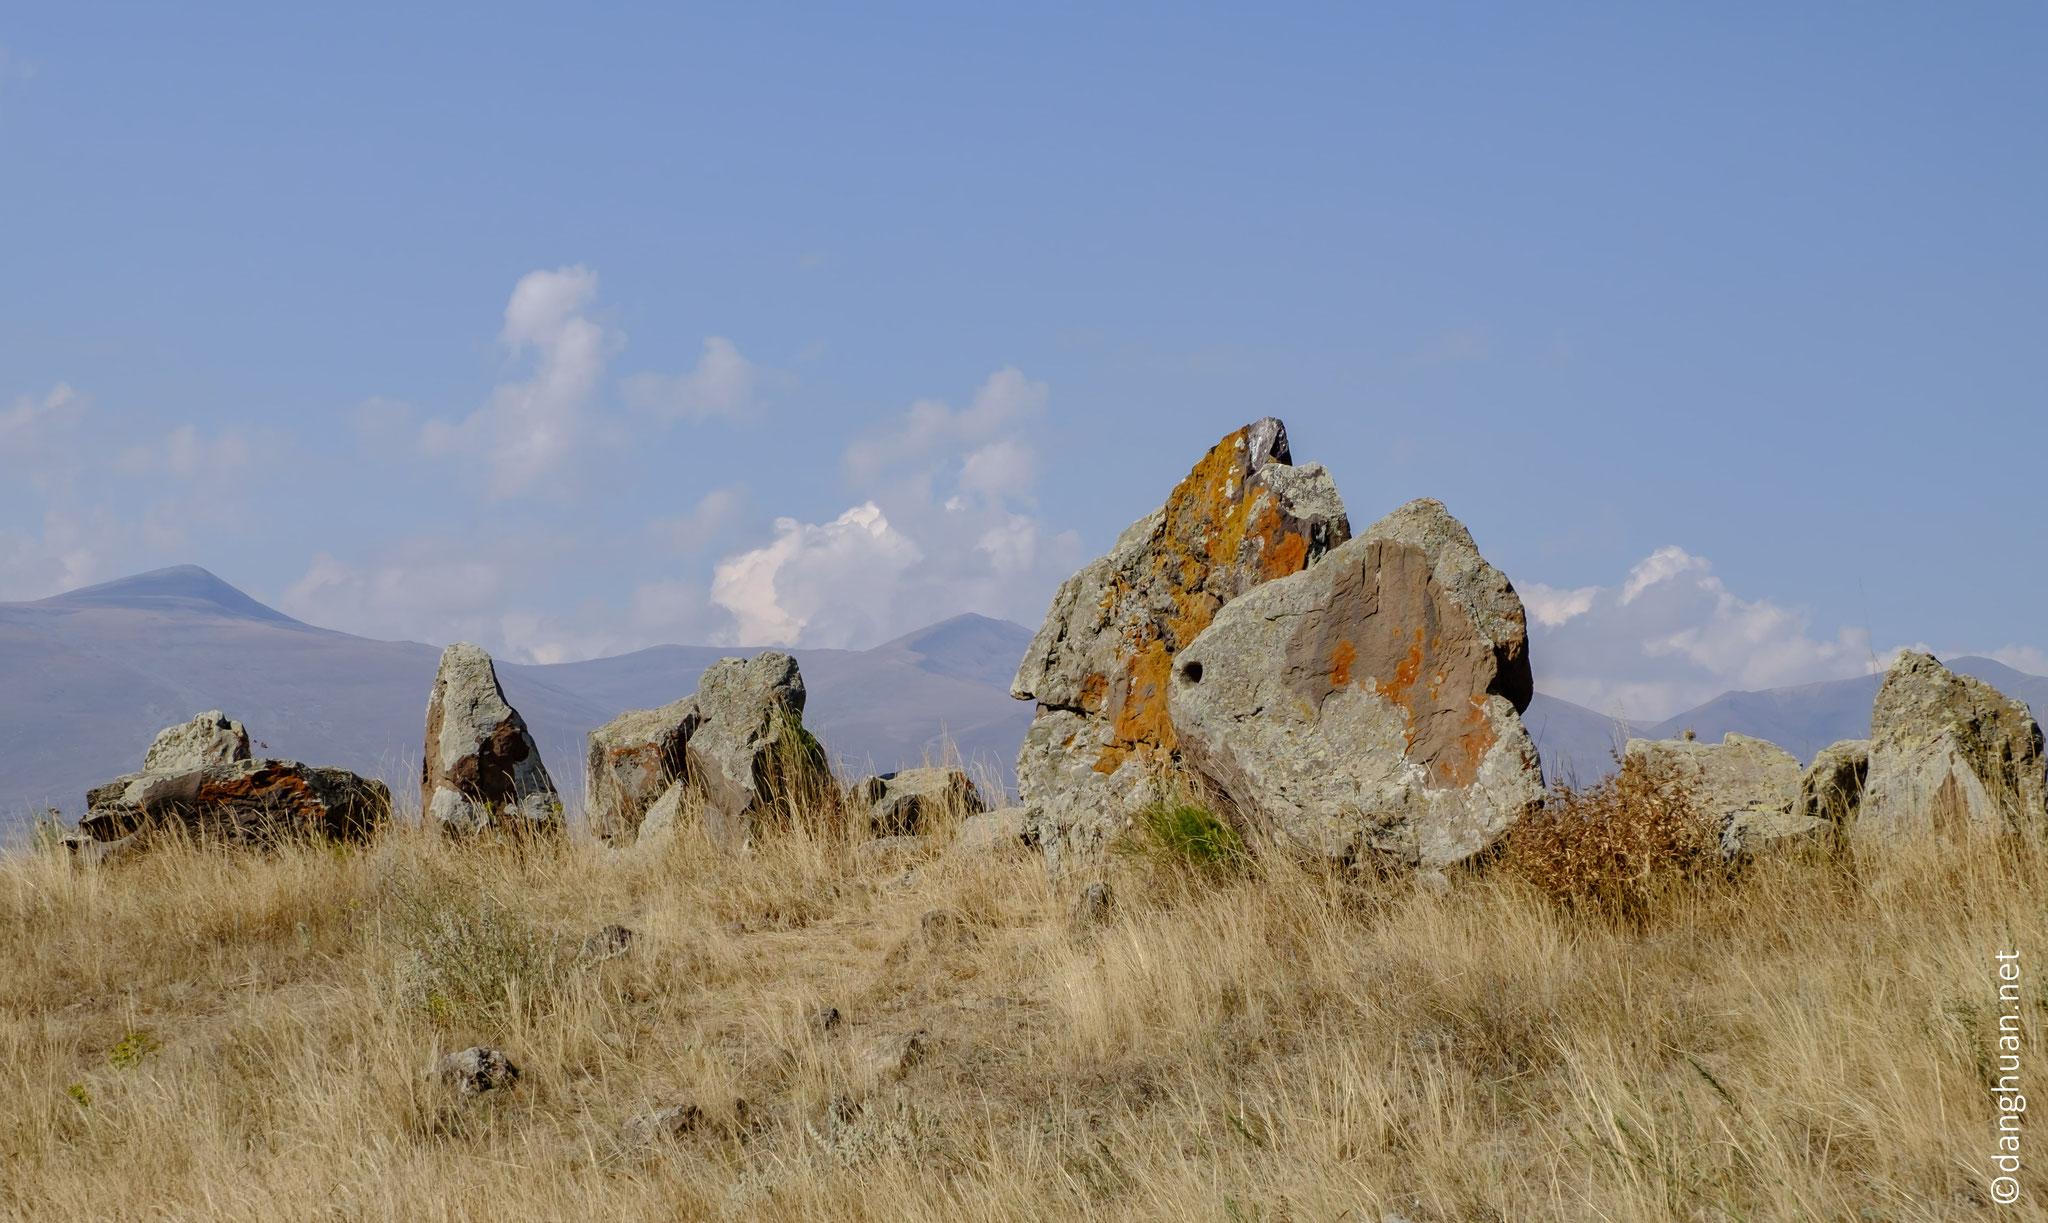 ... qui date de 7600 à 4500 ans avant JC ...